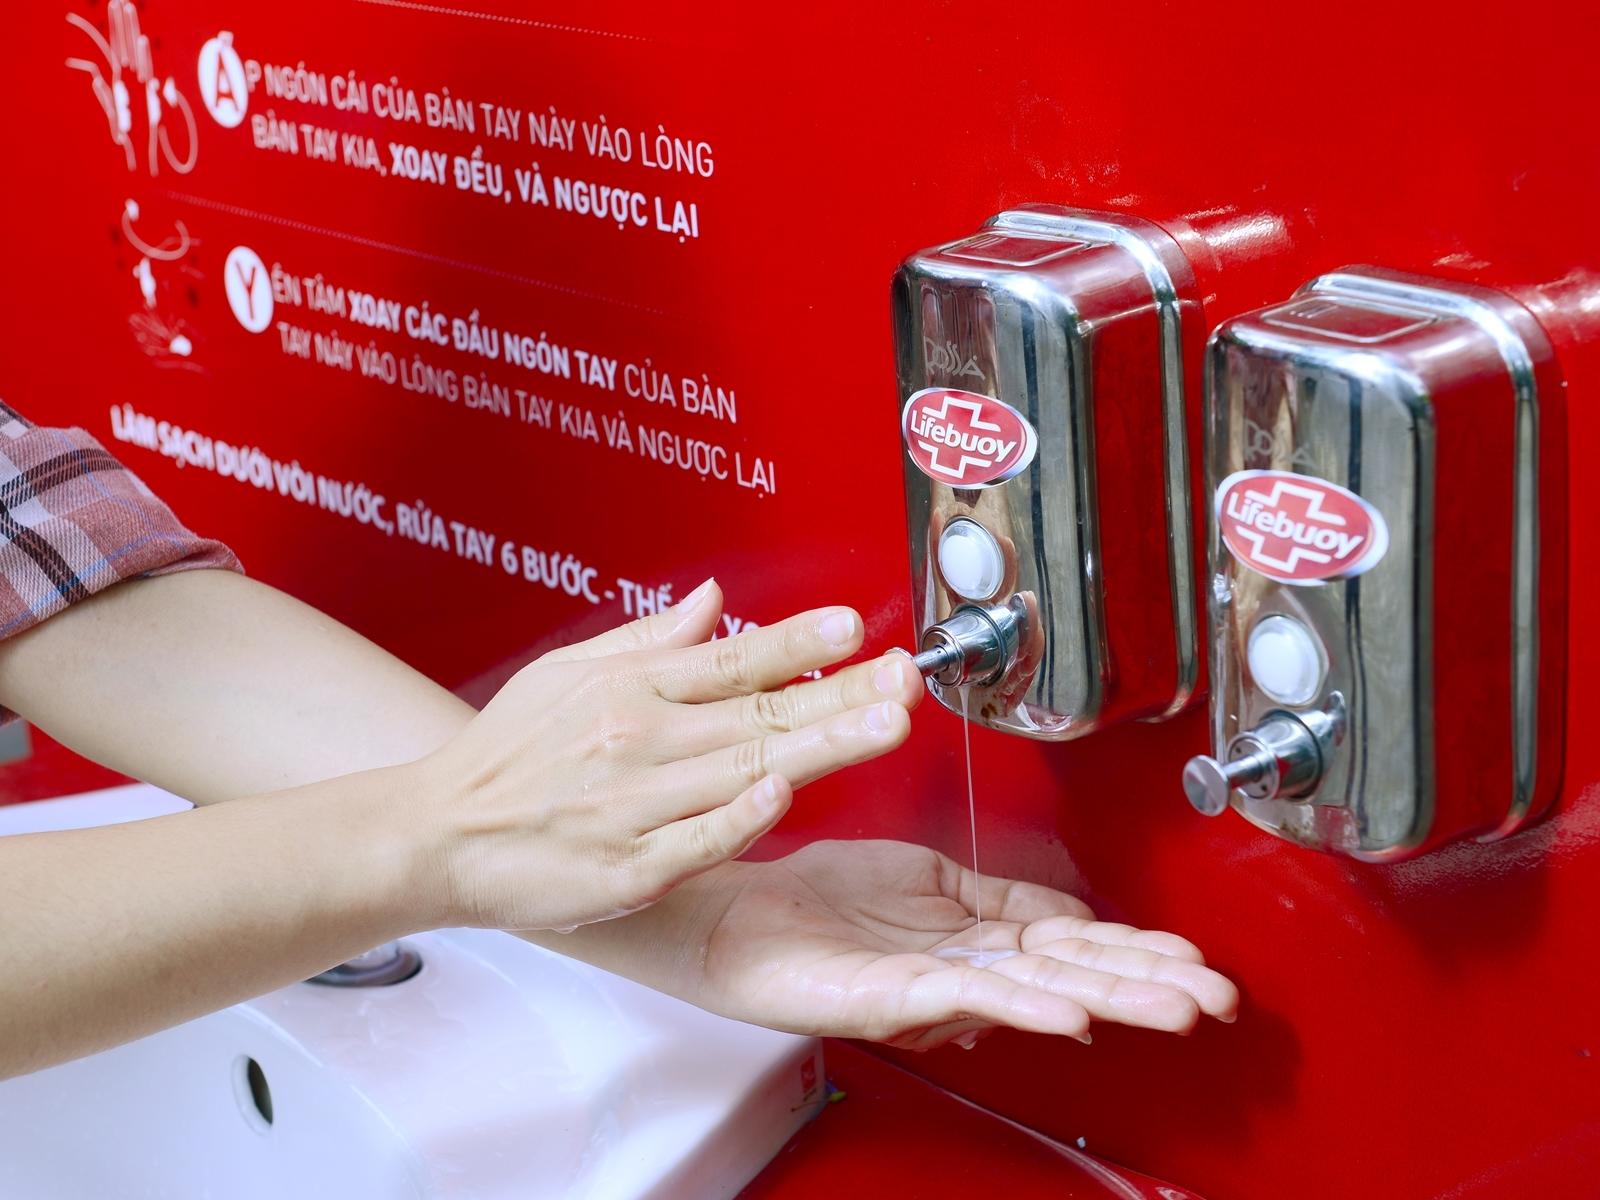 Lifebuoy lắp trạm rửa tay miễn phí ở hàng loạt điểm công cộng-4